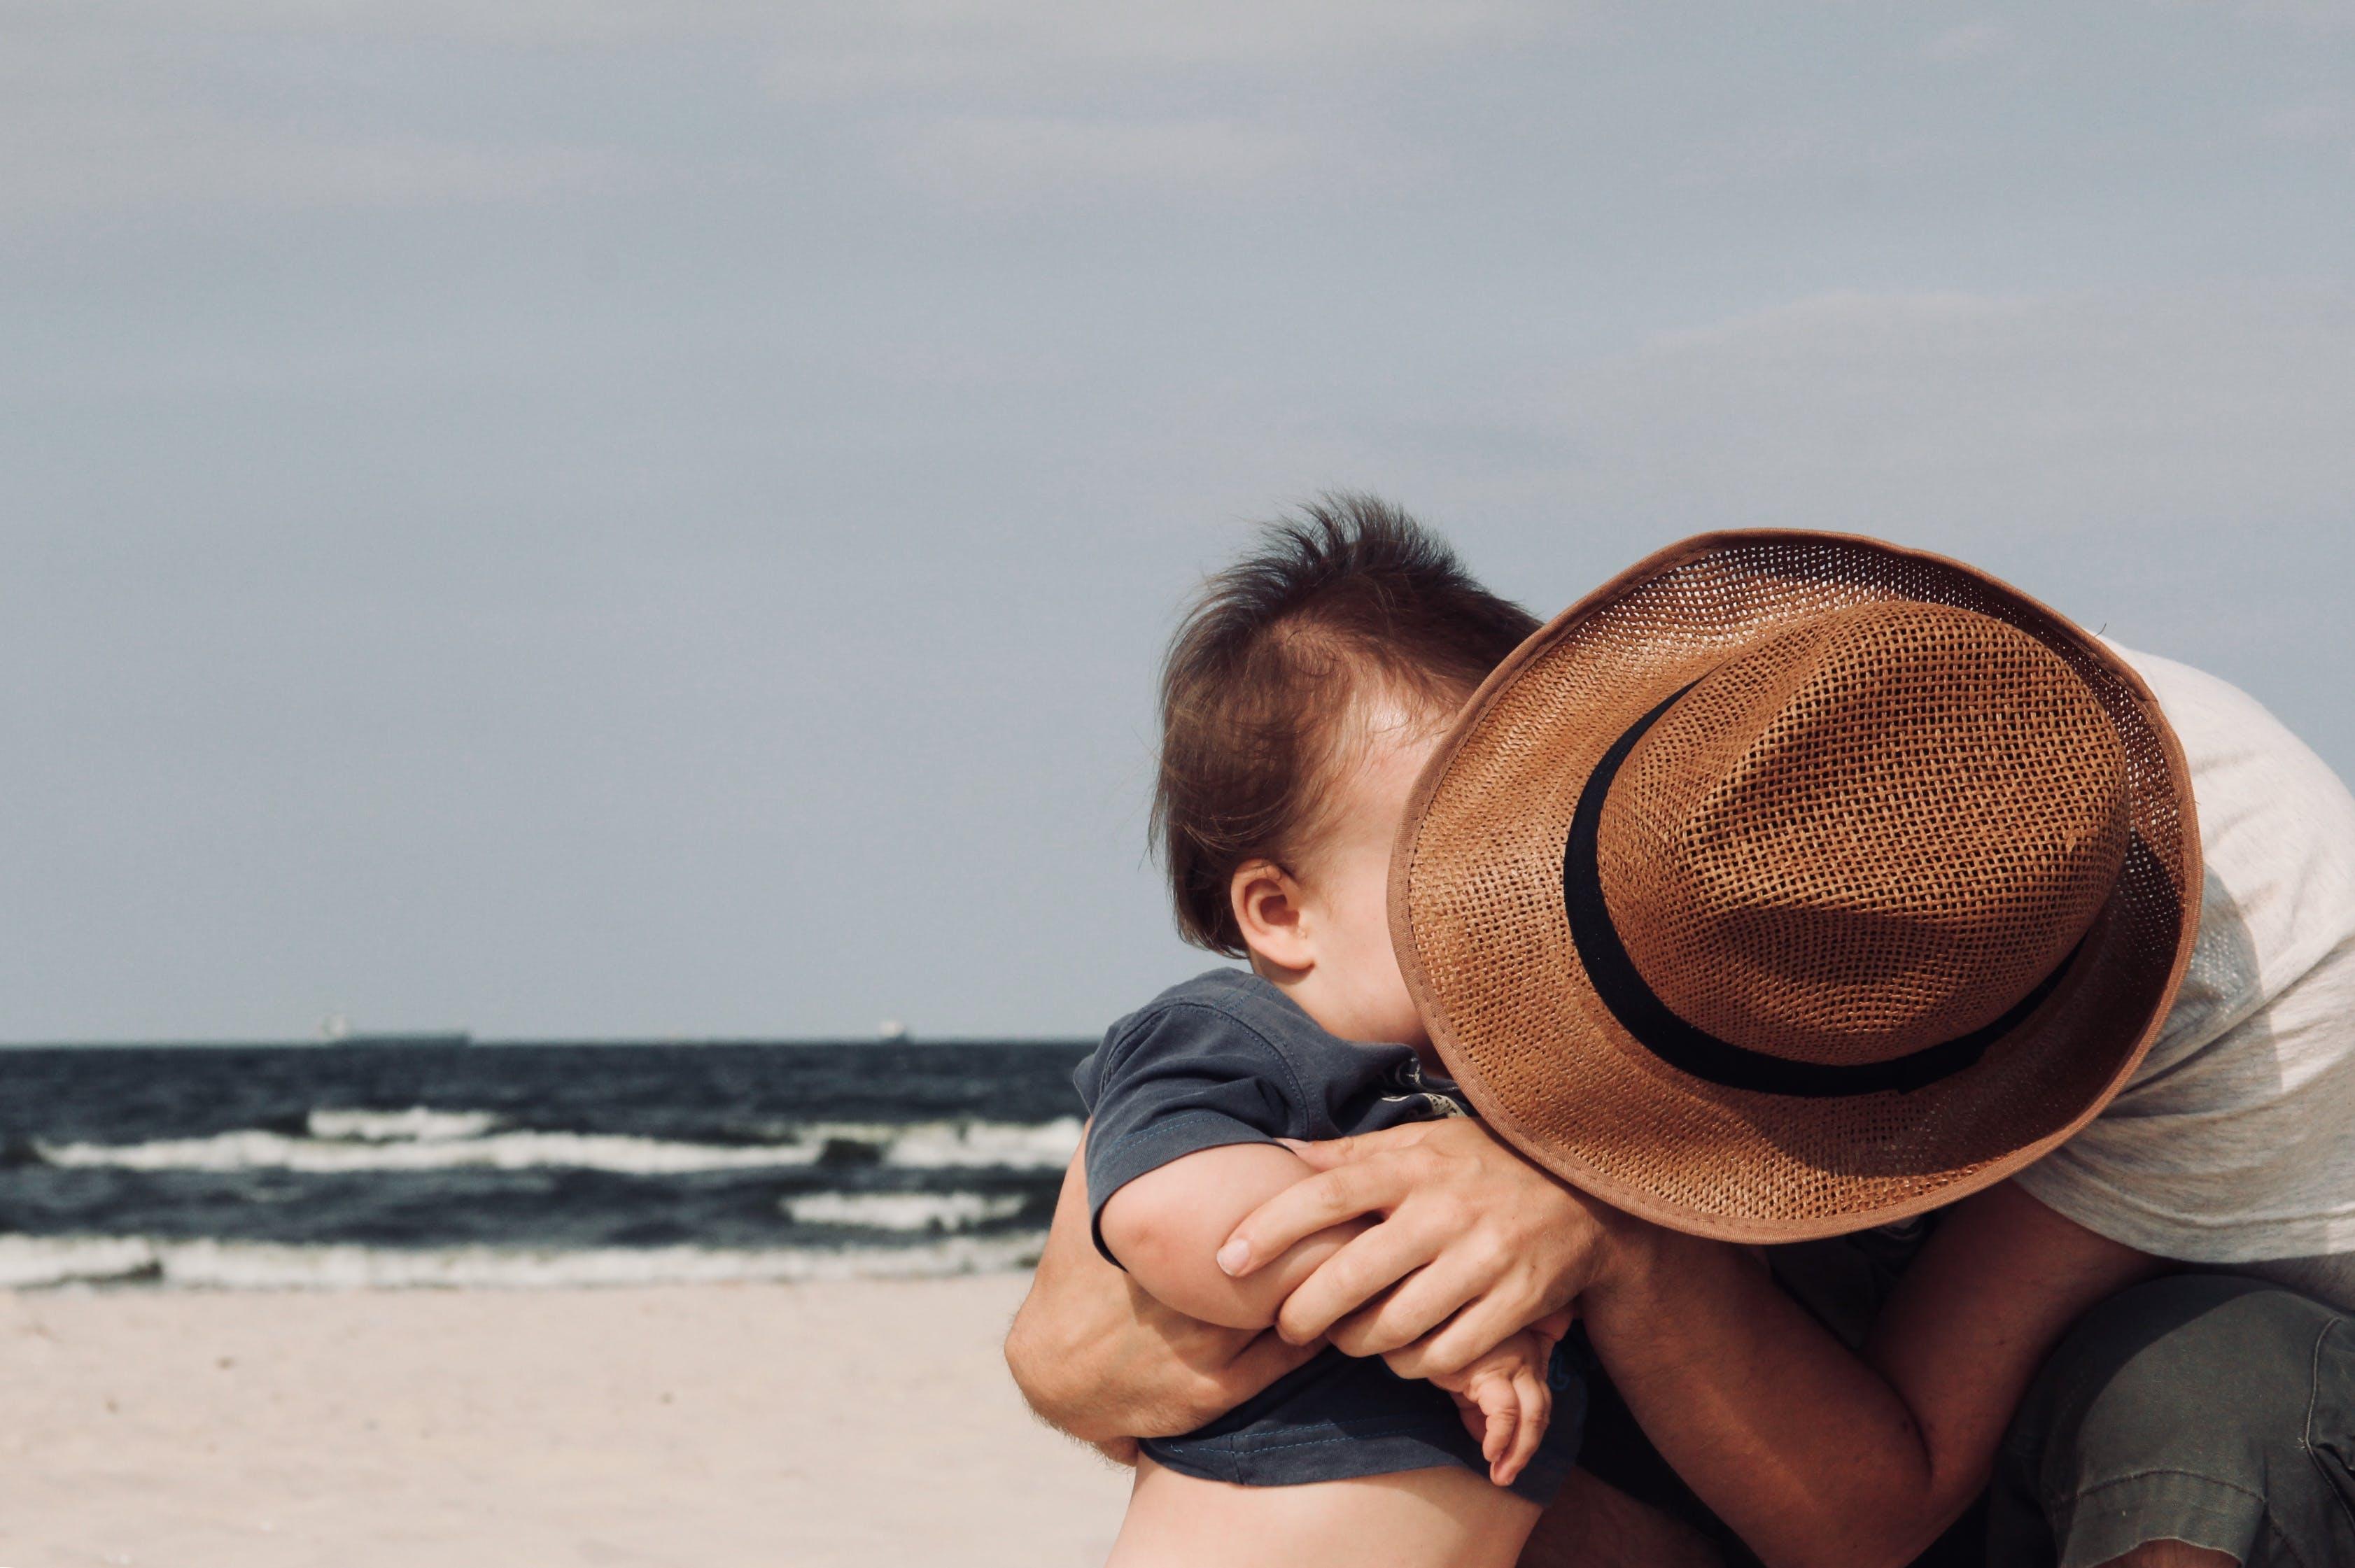 Immagine gratuita di abbracciando, abbraccio, acqua, amore